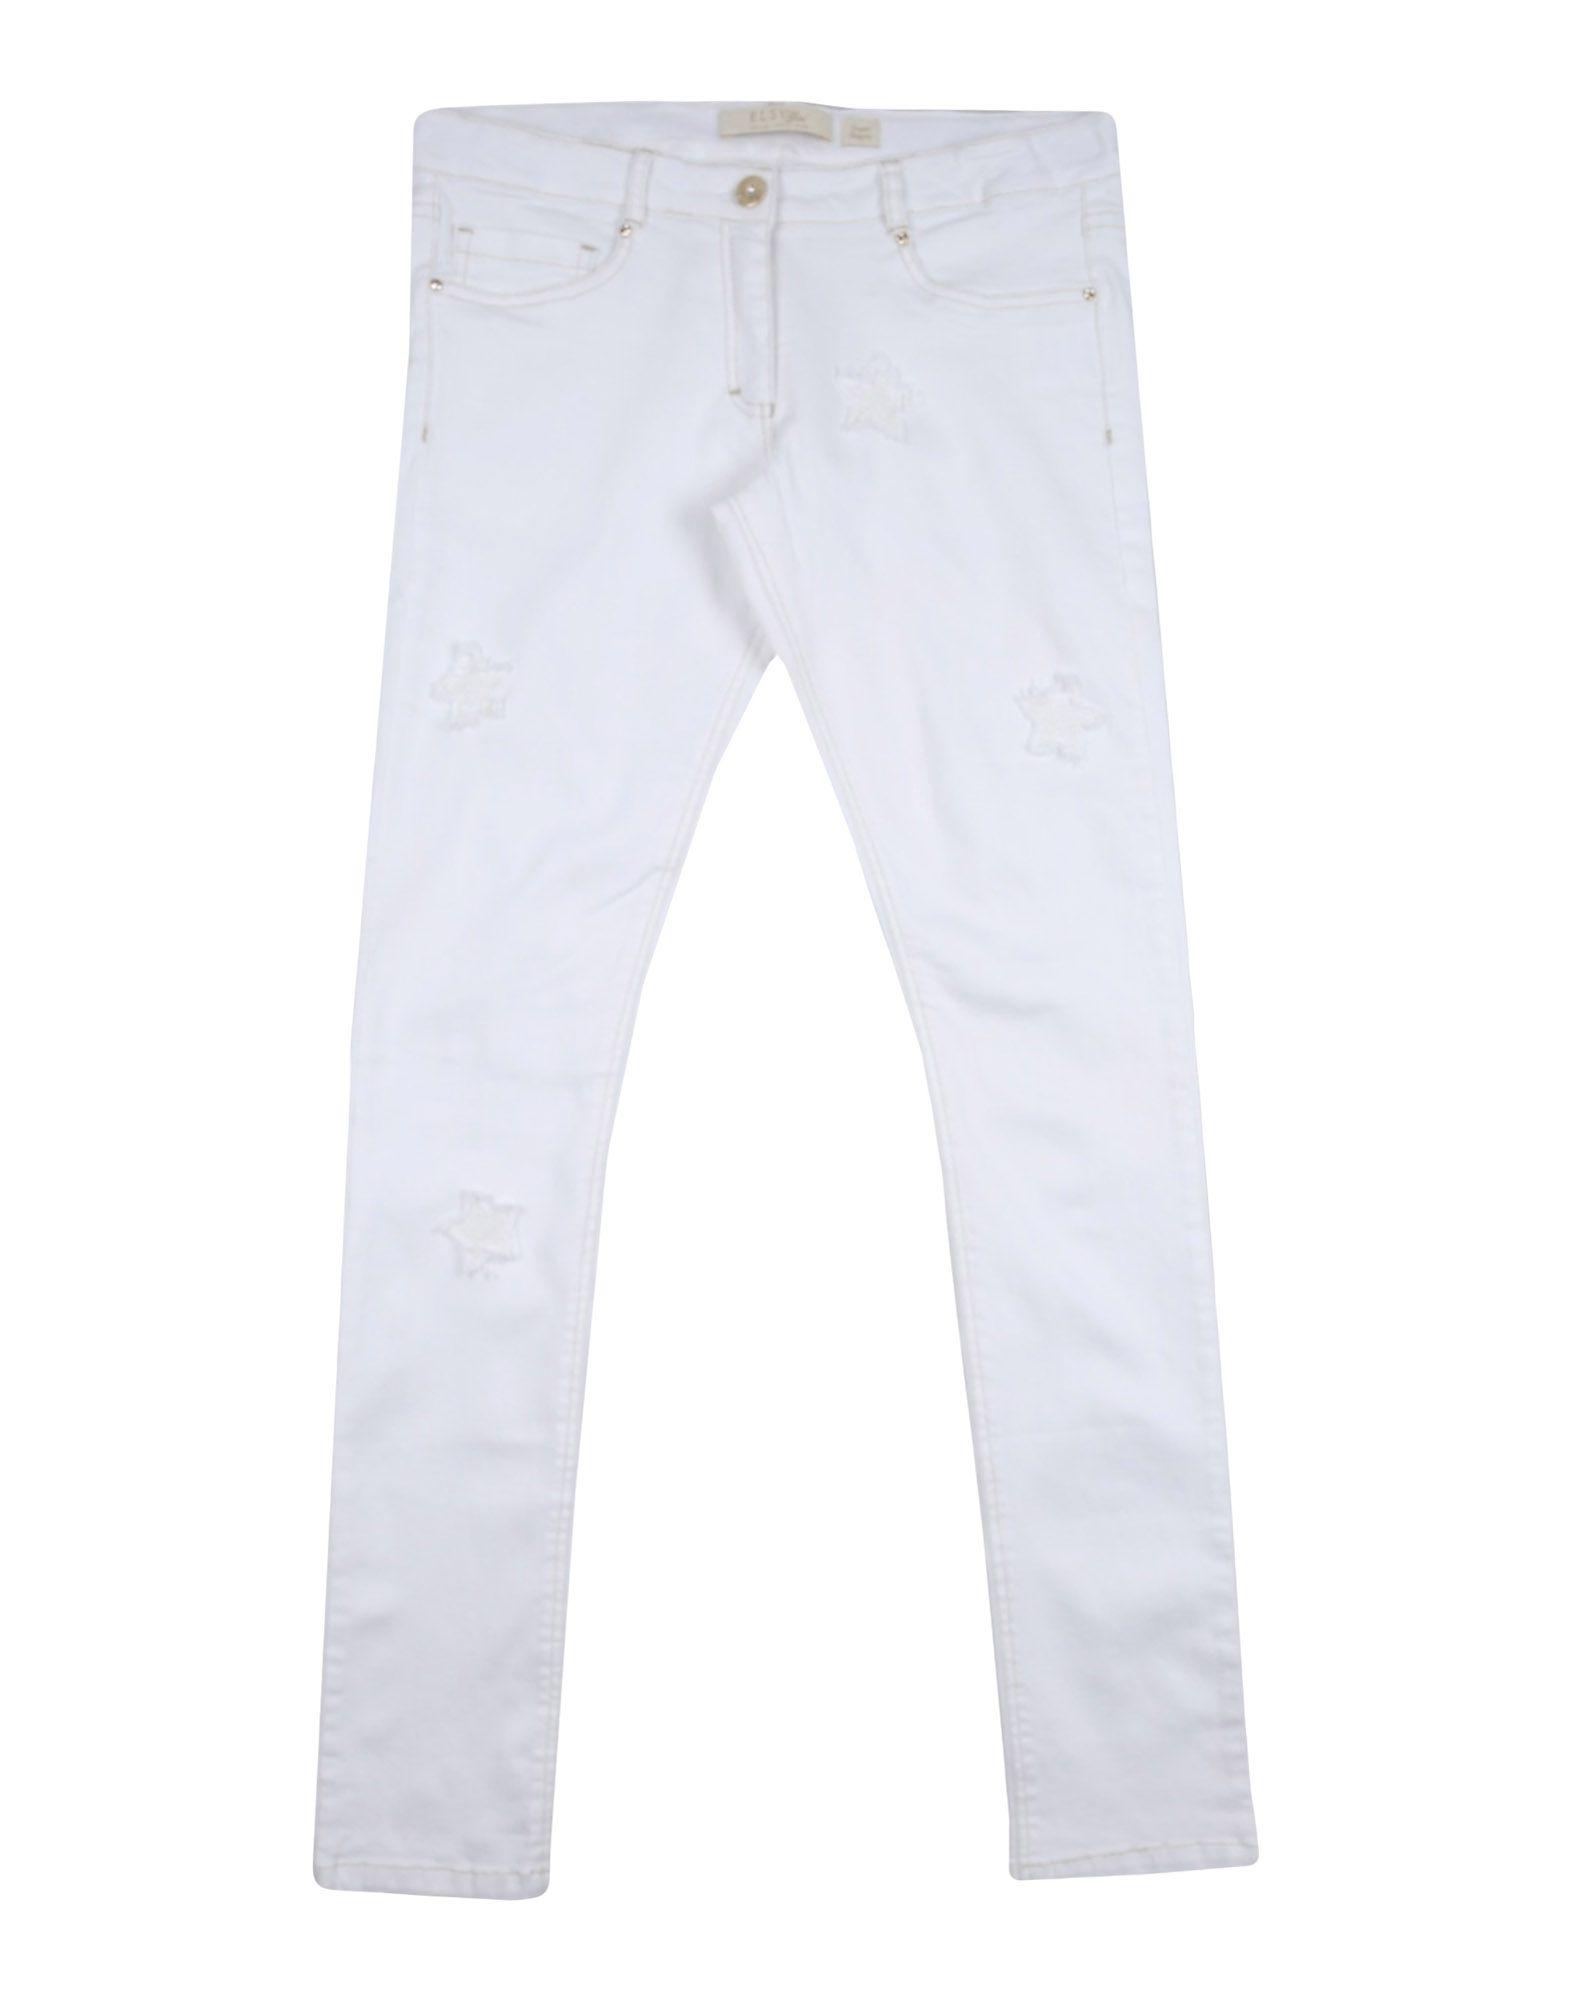 ELSY Повседневные брюки elsy куртка elsy 4260 0t31 sp ghisa 438 серый